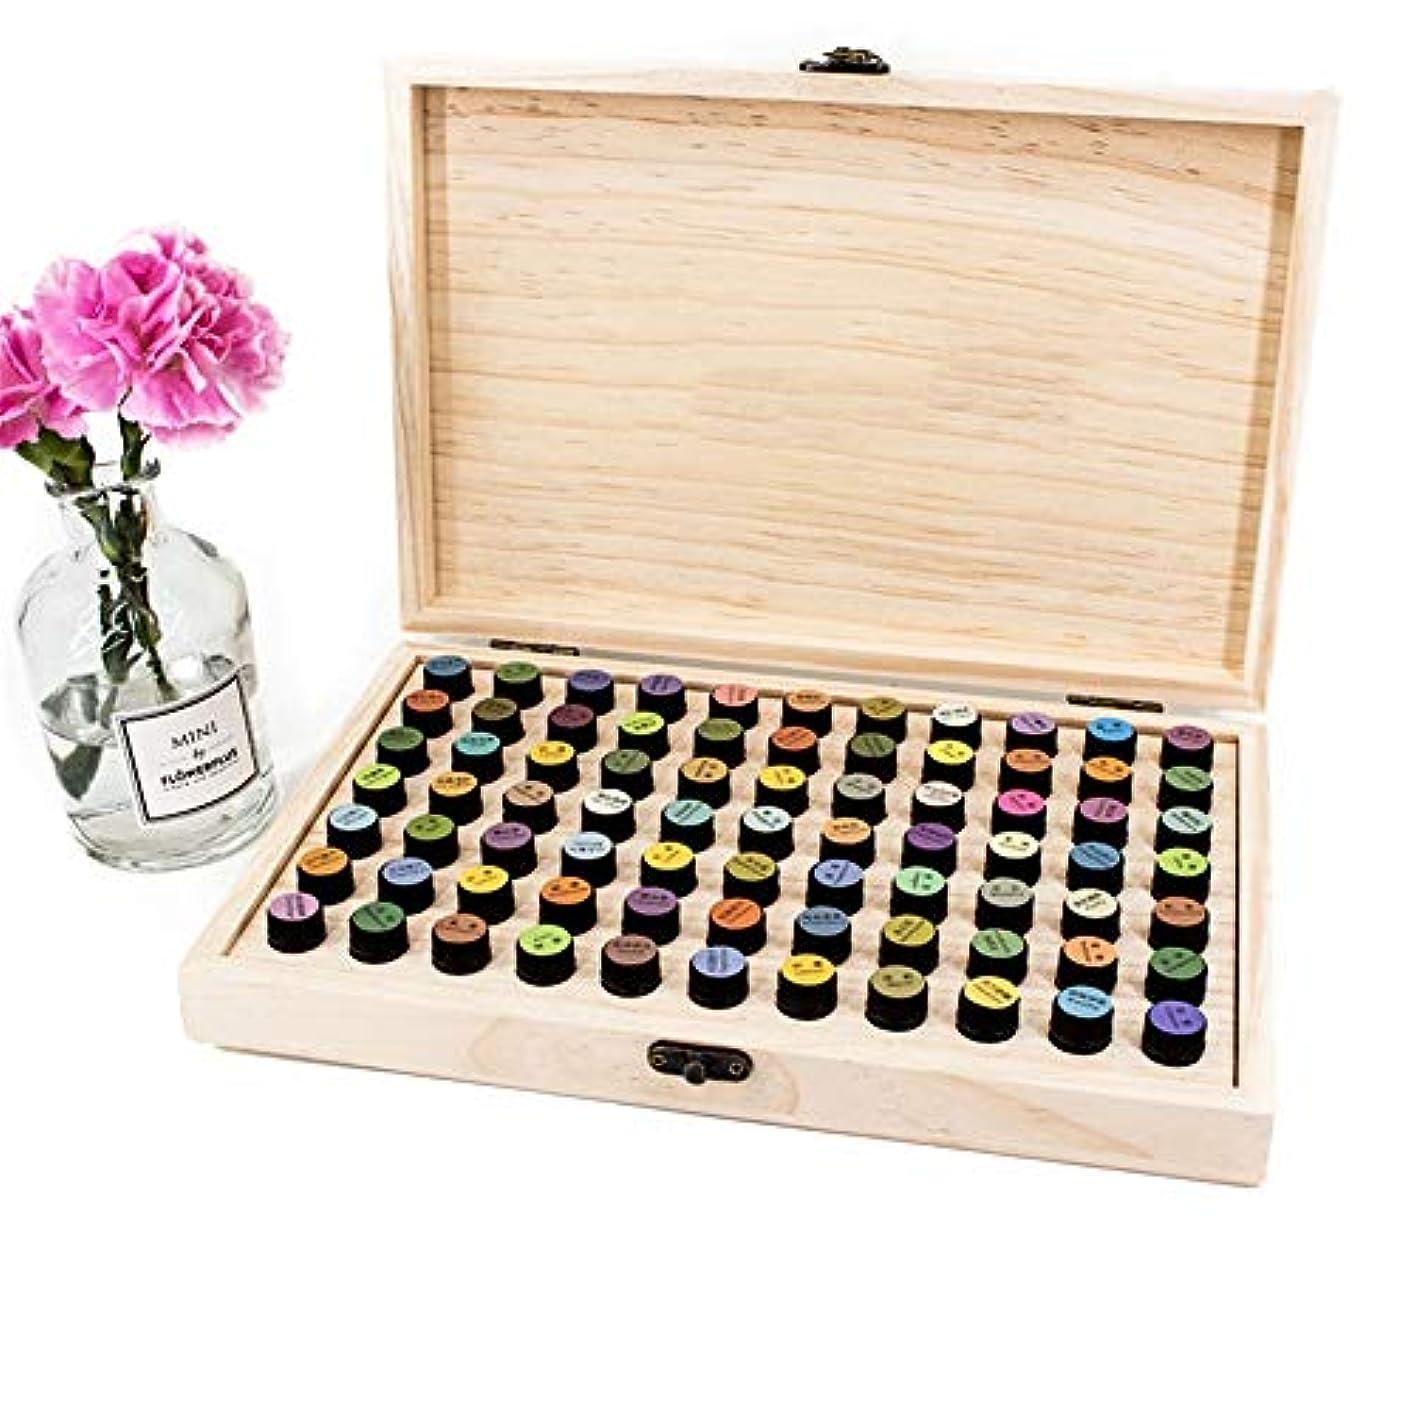 おばさん休眠誓約エッセンシャルオイルボックス 2ディスプレイウッドオイルボックス72個のスロットオーガナイザーを格納するためのバイアルmlの アロマセラピー収納ボックス (色 : Natural, サイズ : 29X19X4CM)